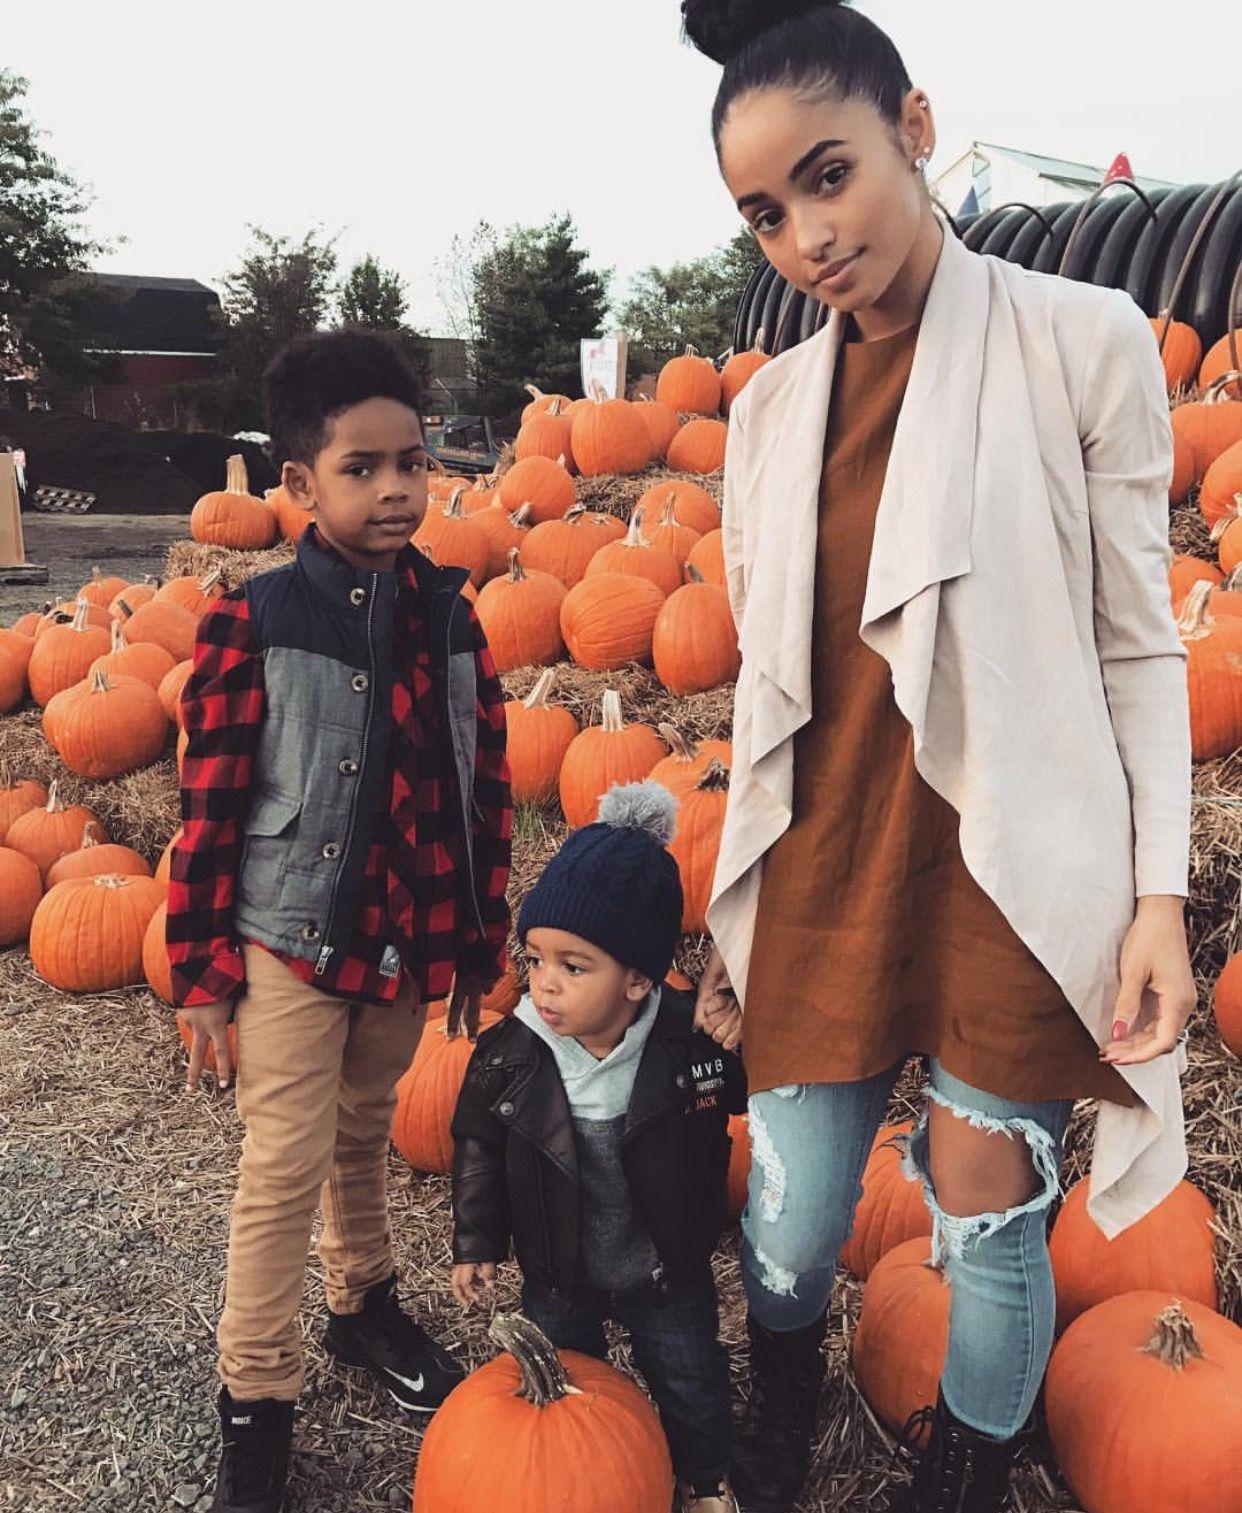 Pinterest Melanin Princess Pumpkin Patch Outfit Kids Pumpkin Patch Outfit Pumpkin Patch Kids